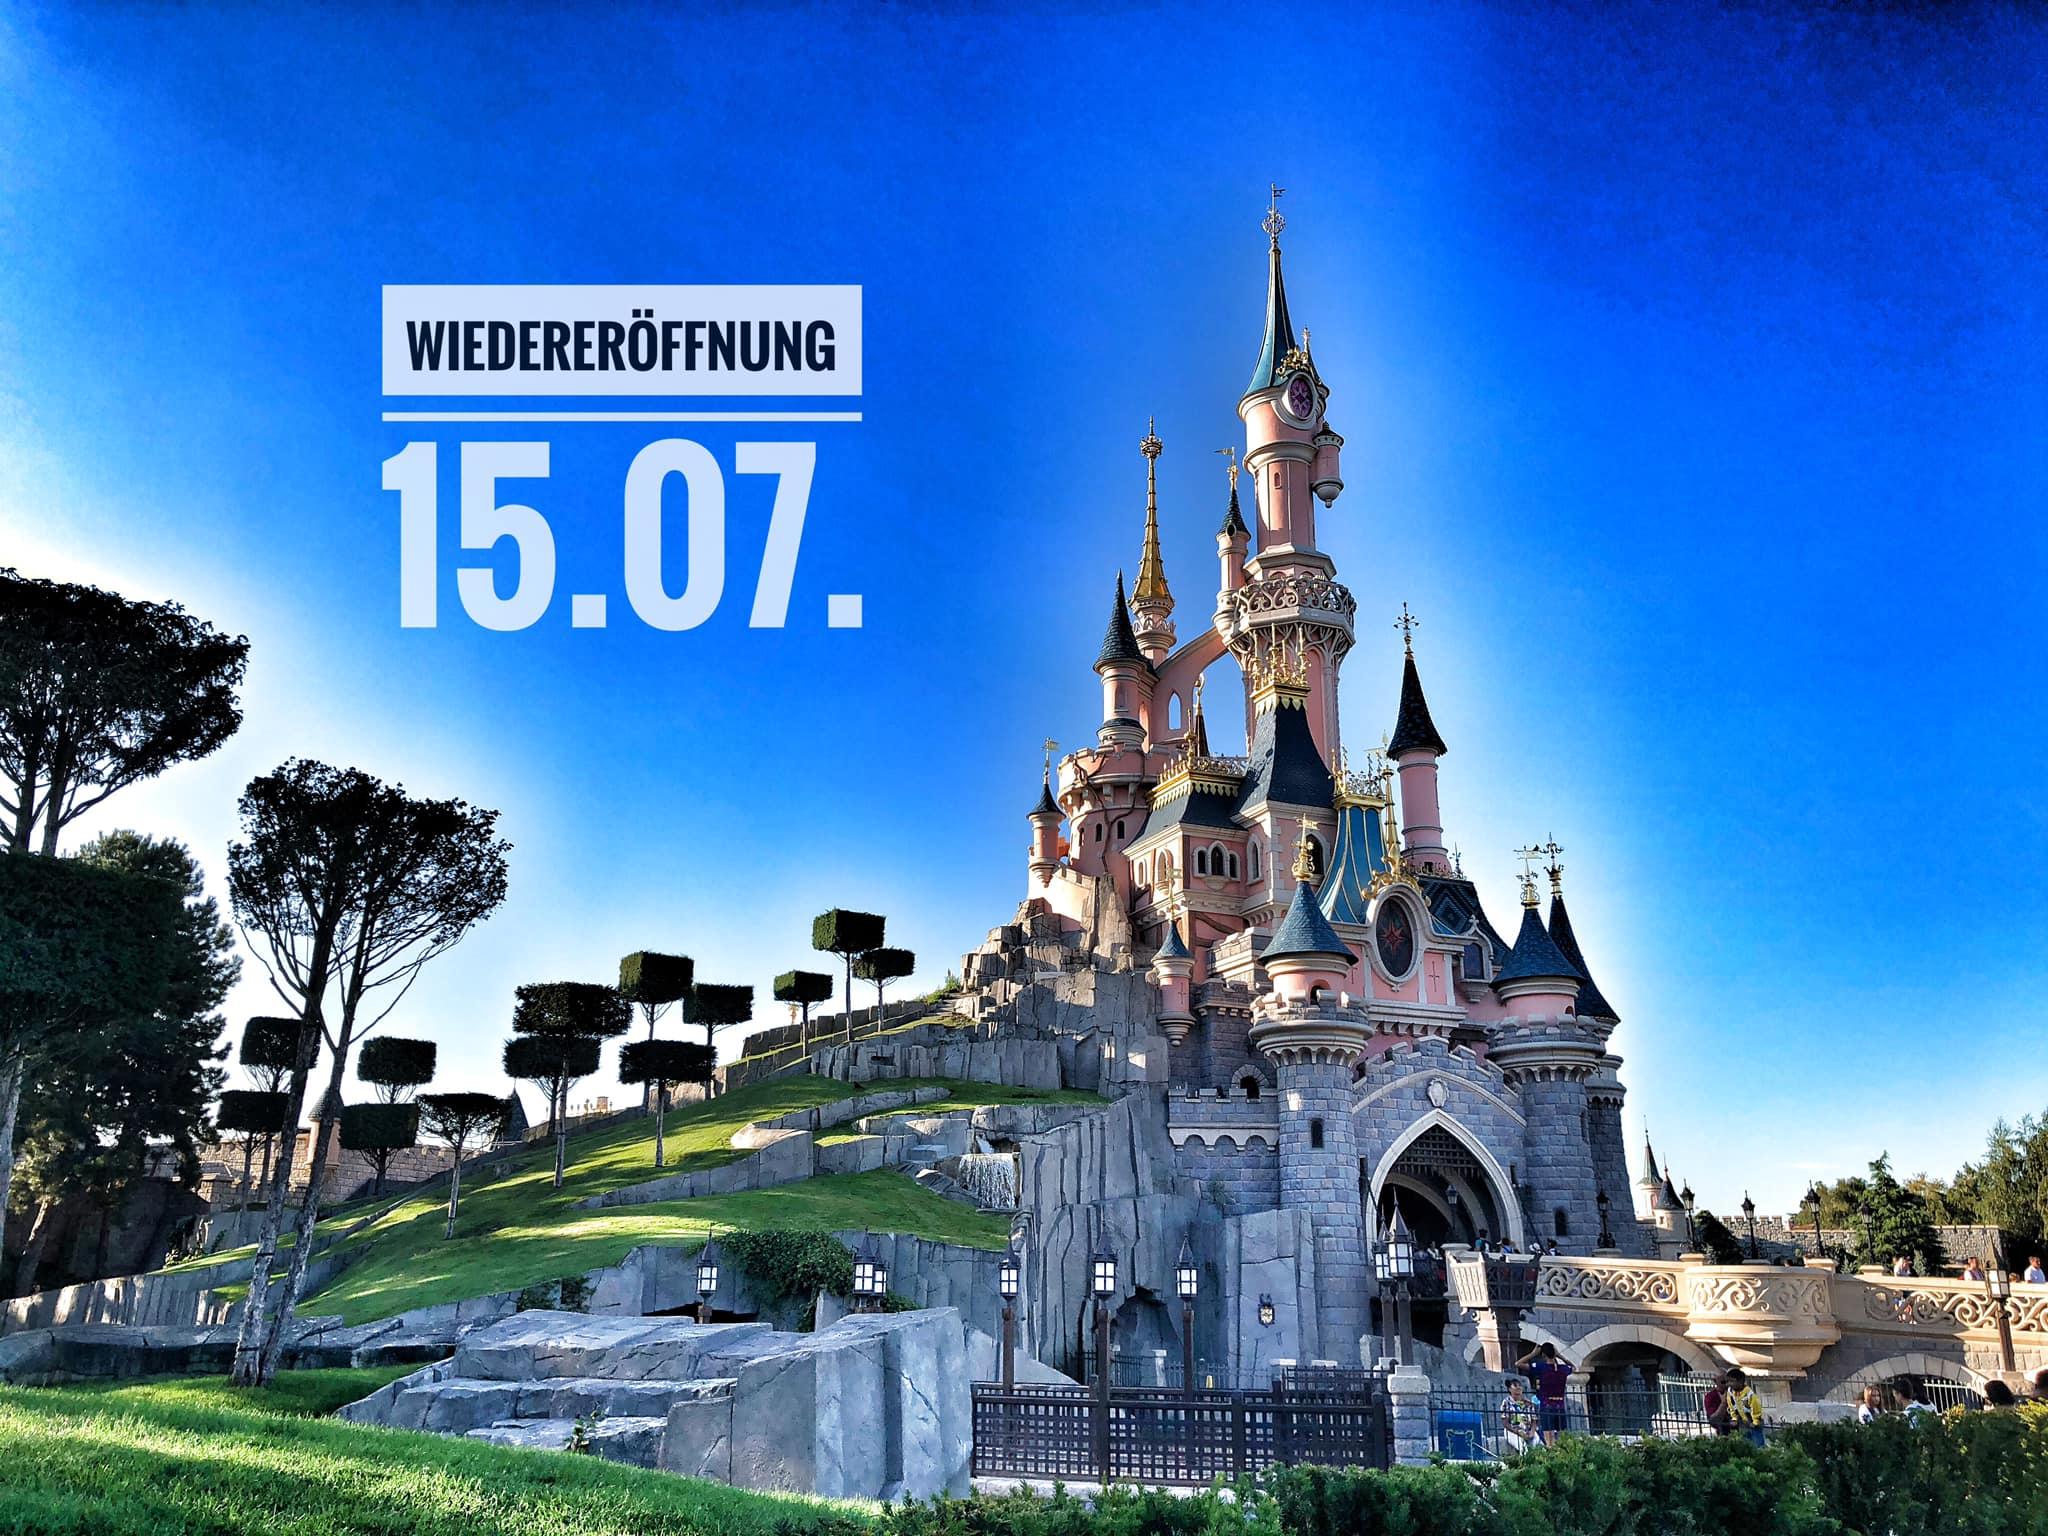 Disneyland Paris Wiedereröffnung